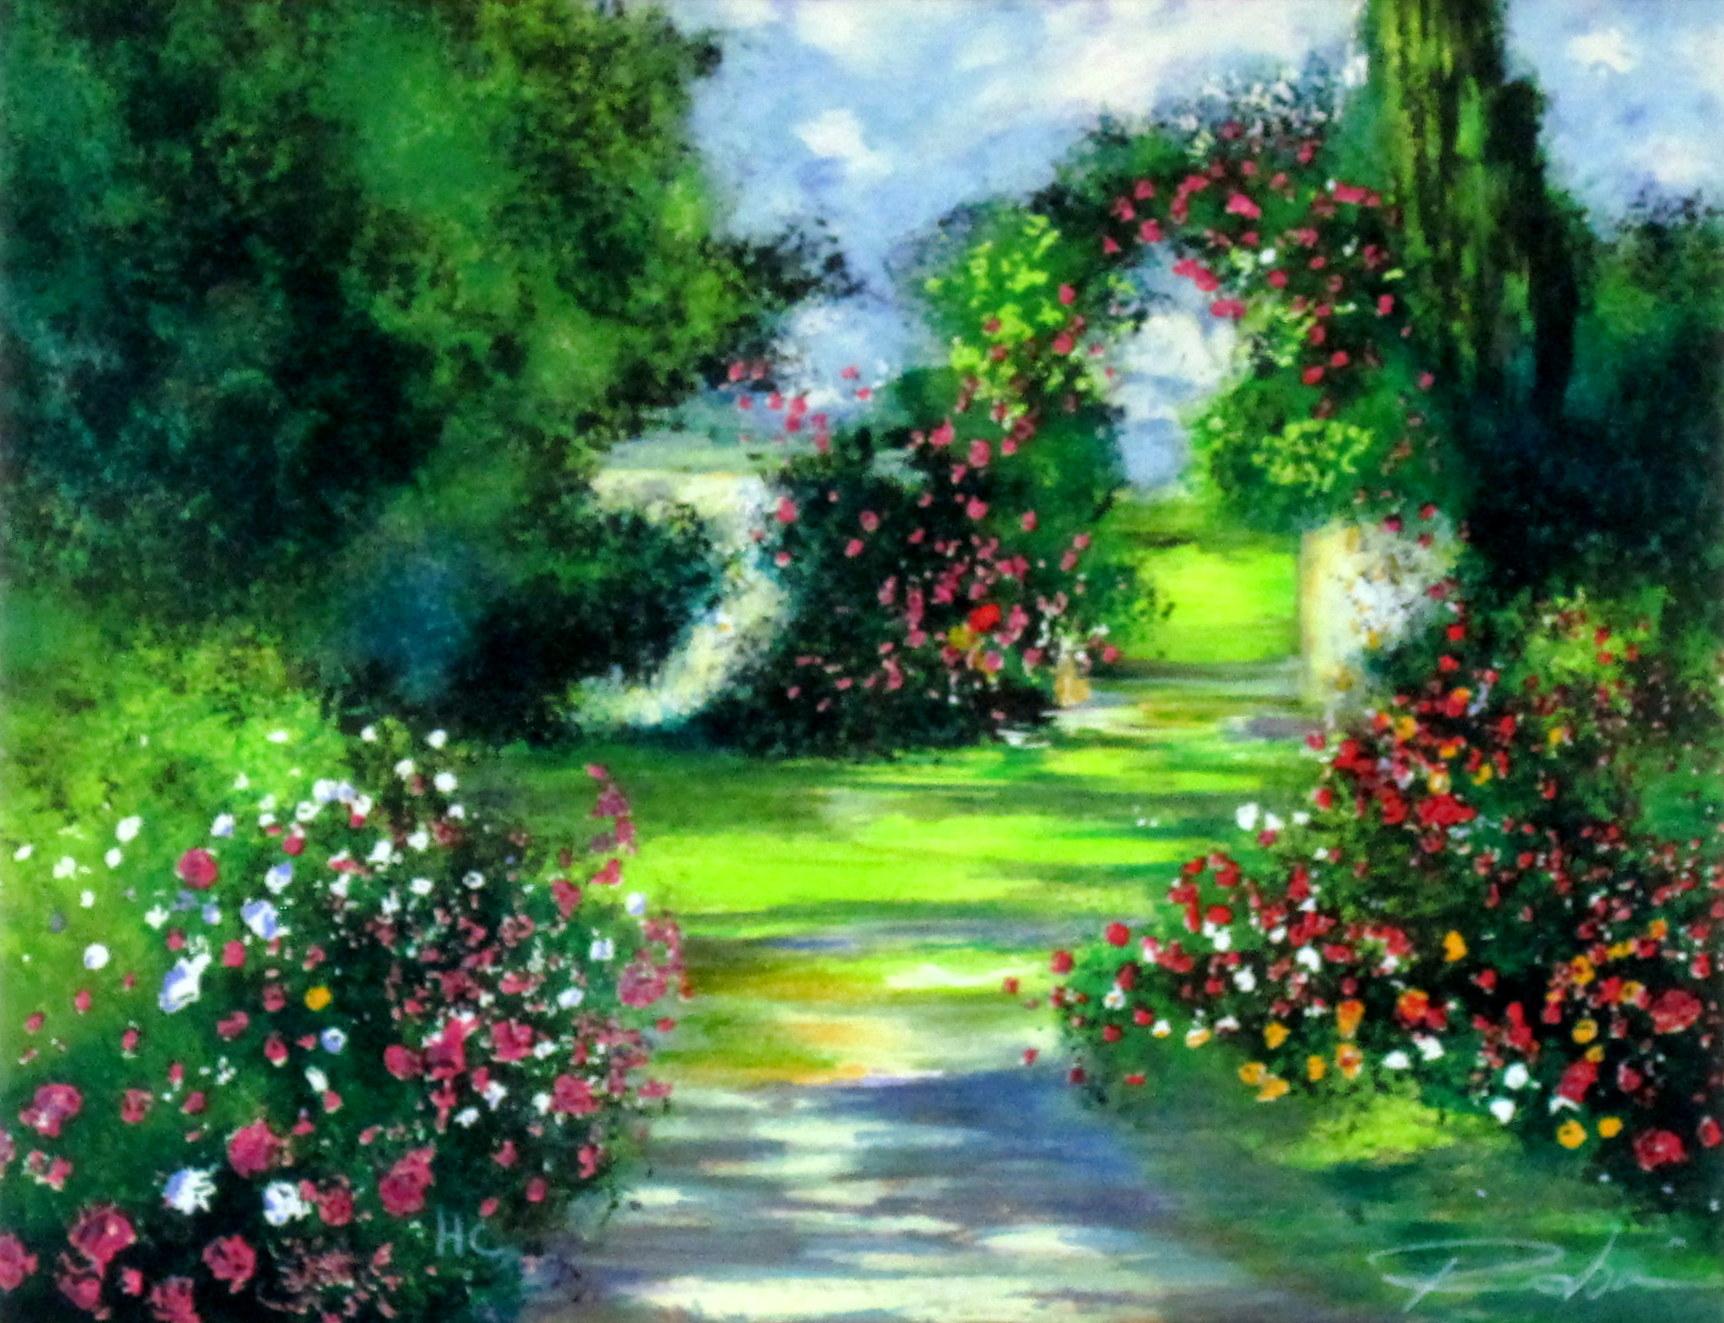 ヨーロッパ風景画・ ロビック「花咲く庭」リトグラフ